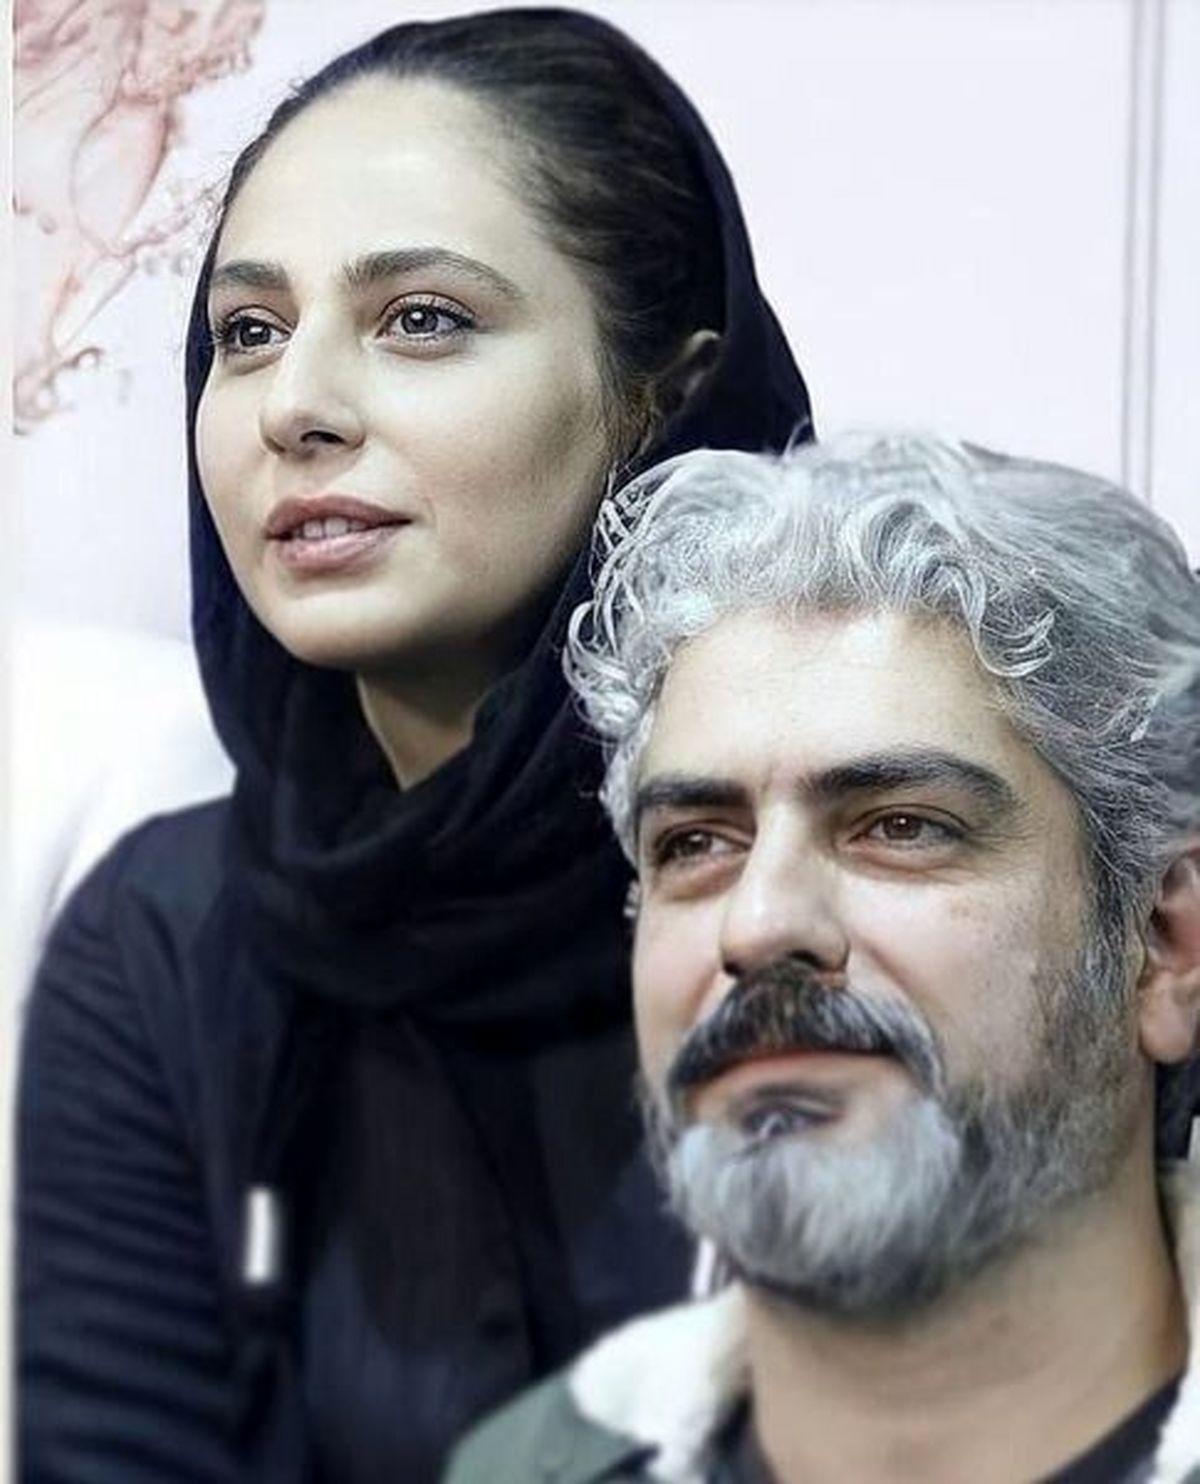 تفریح و شادی مهدی پاکدل در باشگاه بدنسازی + فیلم